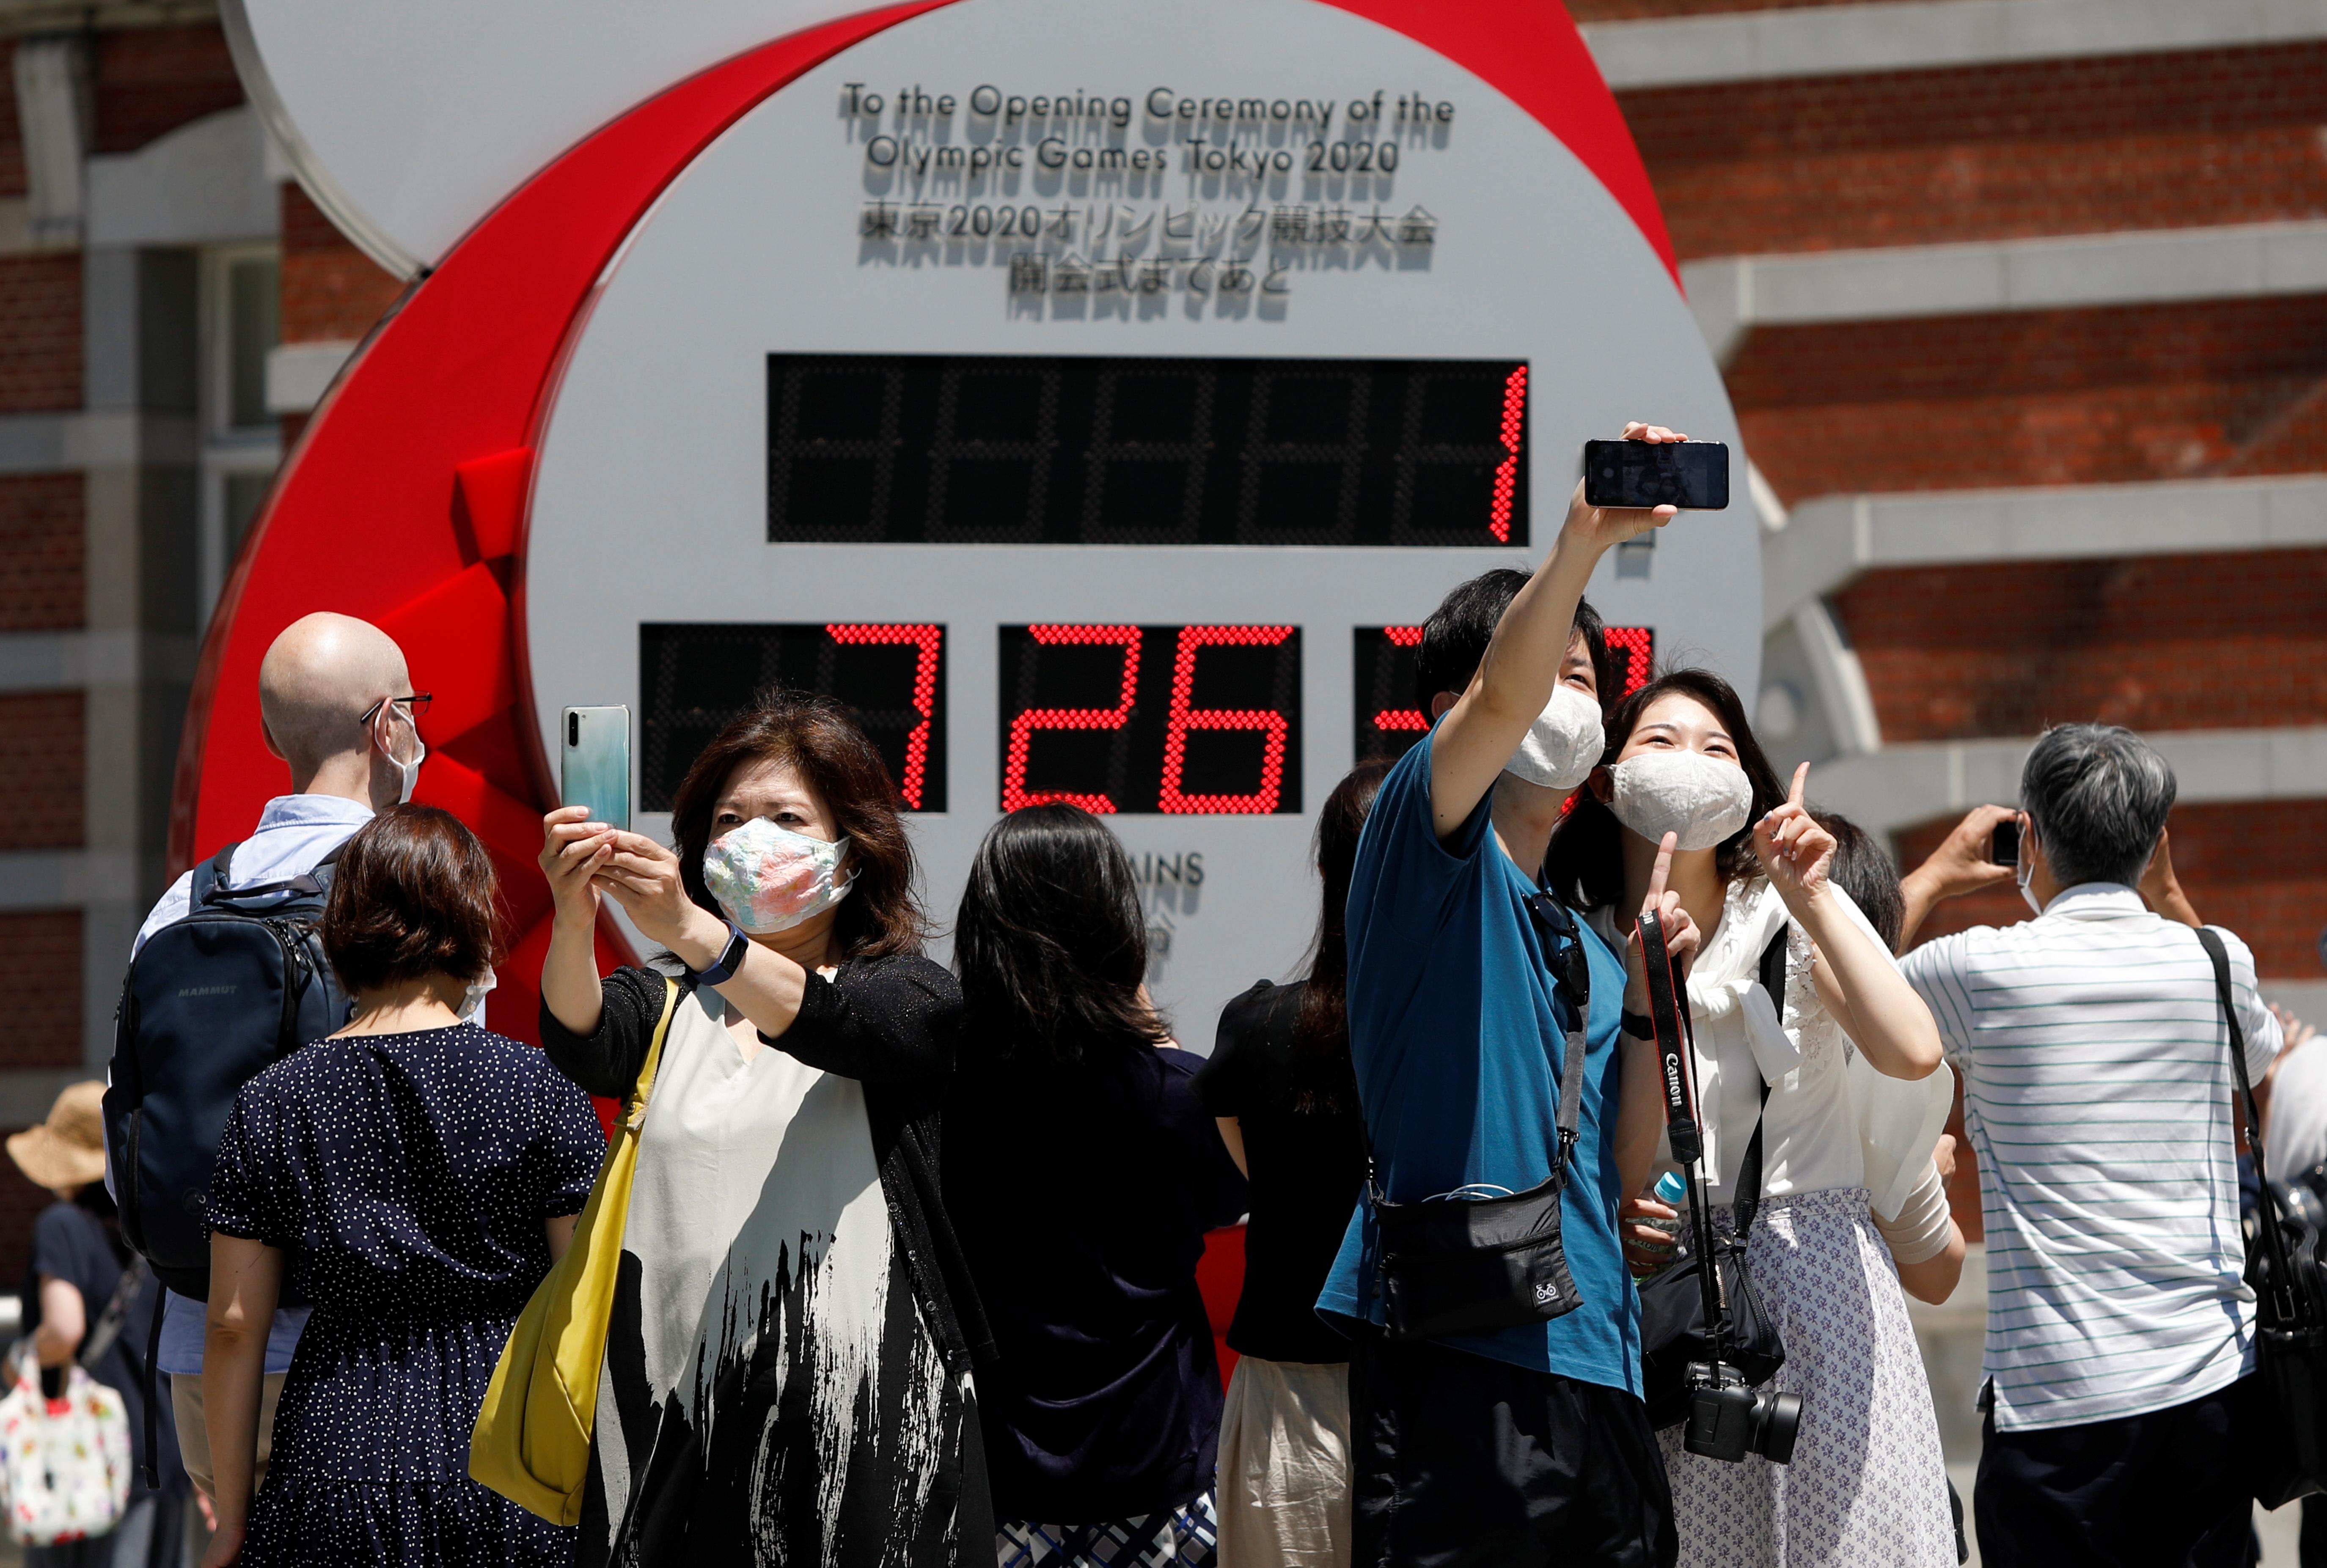 东京奥运会开幕前夕,人们到东京车站外的奥运会倒计时钟前拍照留念。-路透社-